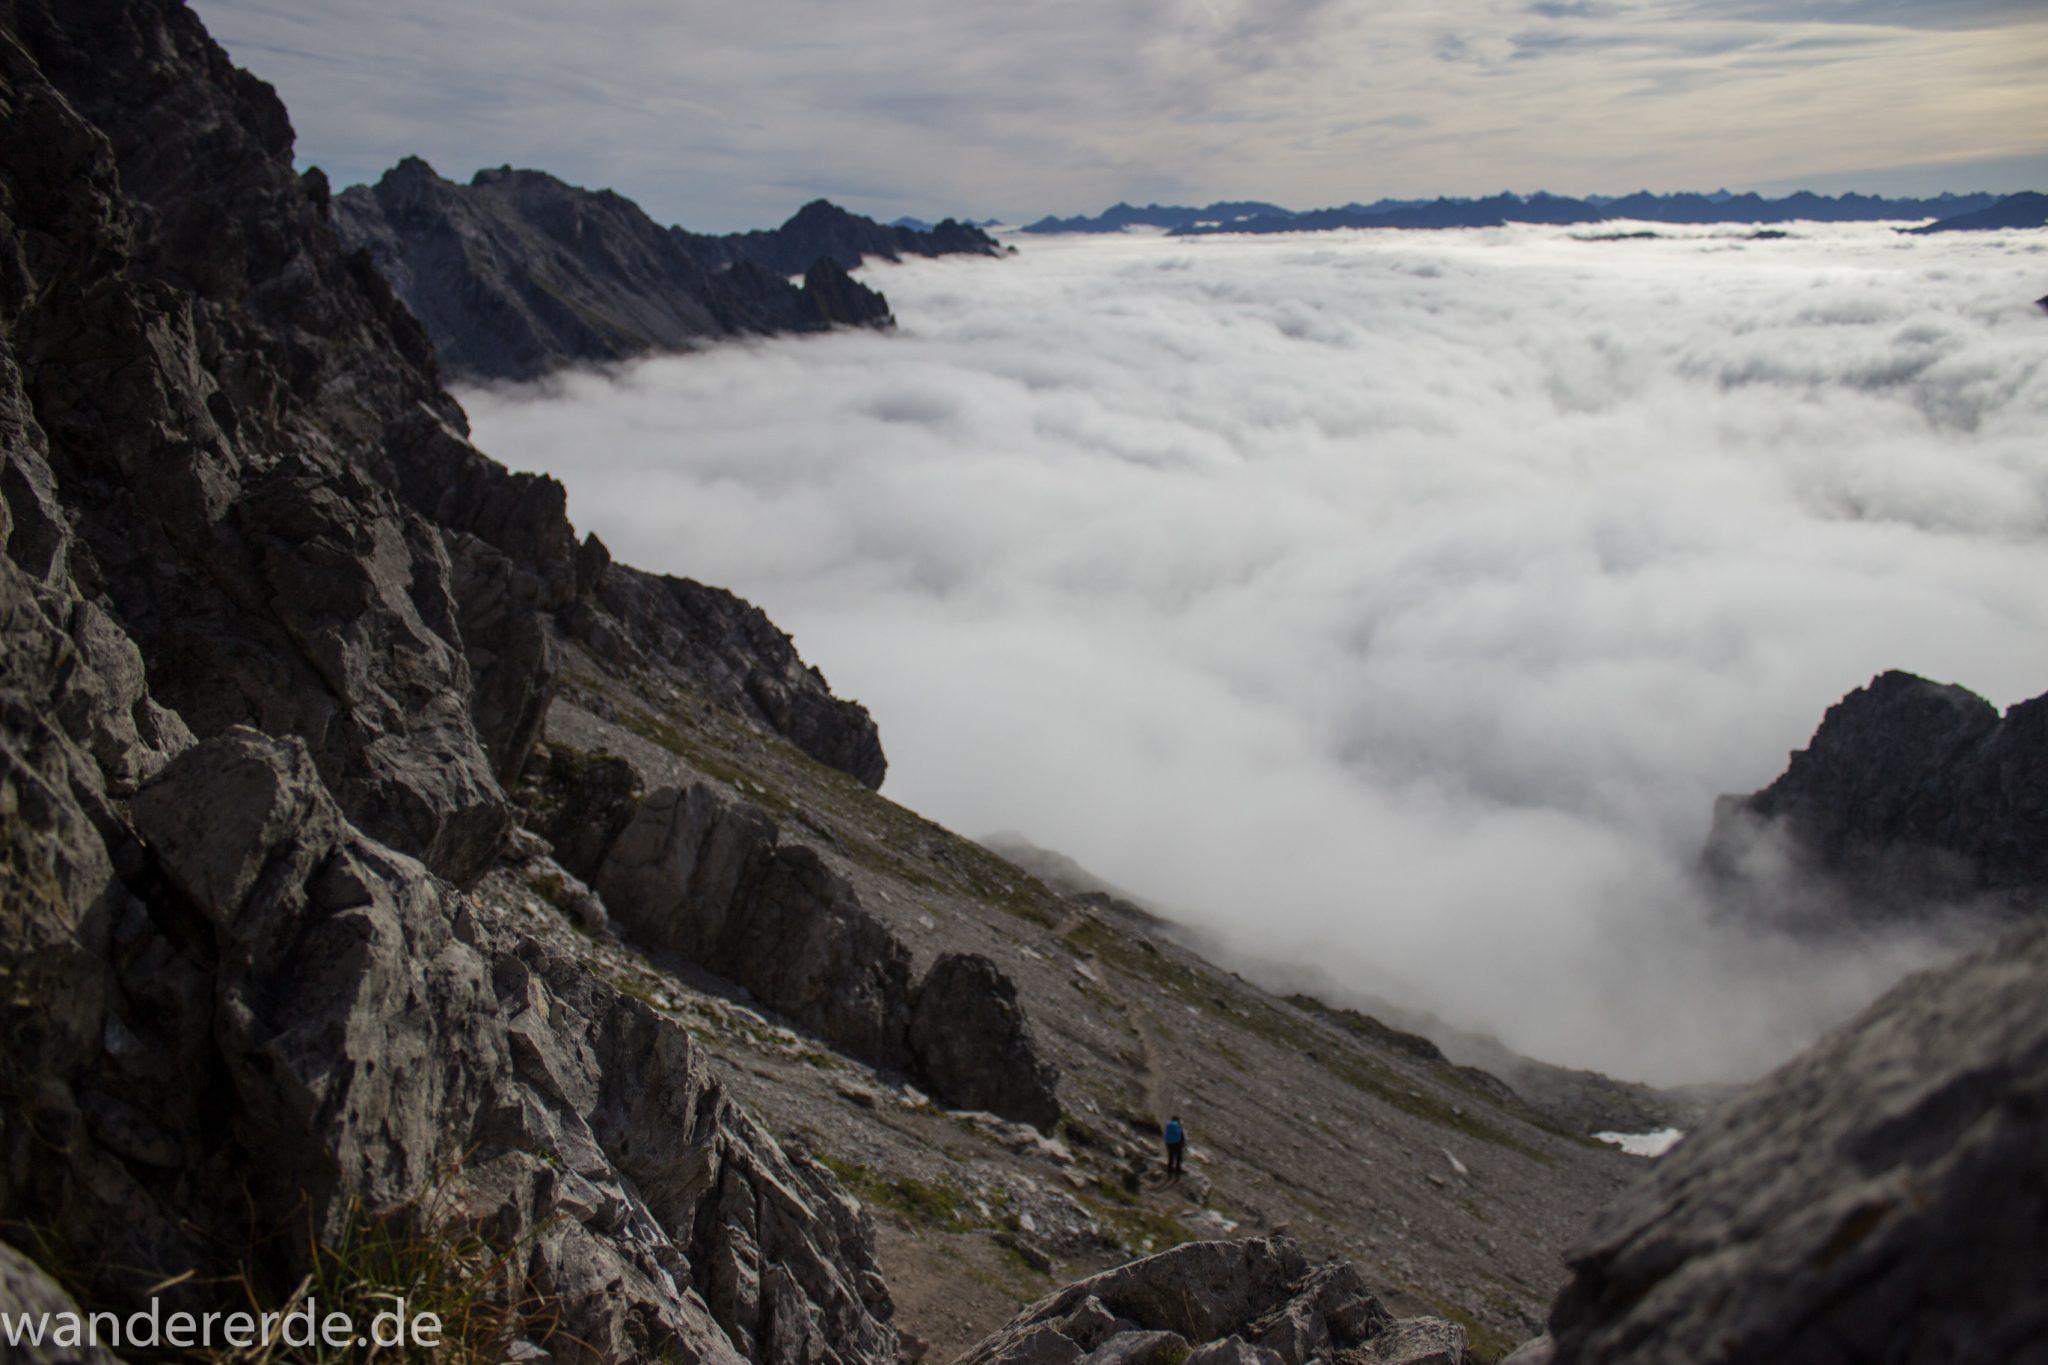 Alpenüberquerung Fernwanderweg E5 Oberstdorf Meran, 3. Etappe von Memminger Hütte zur Skihütte Zams, E5 Wanderweg führt zu Beginn der dritten Etappe ab der Memminger Hütte über steilen und ausgesetzten Wanderweg über die Seescharte, Blick auf die vor einem liegenden Berge der Alpen bei Erreichen der Seescharte, nach langem, steilen Aufstieg auf der schattigen Seite erreicht man damit die sonnige Seite und somit den Beginn eines lange währenden Abstiegs, Blick auf Wanderer der von der Seescharte absteigt Richtung Zams ins Lochbachtal